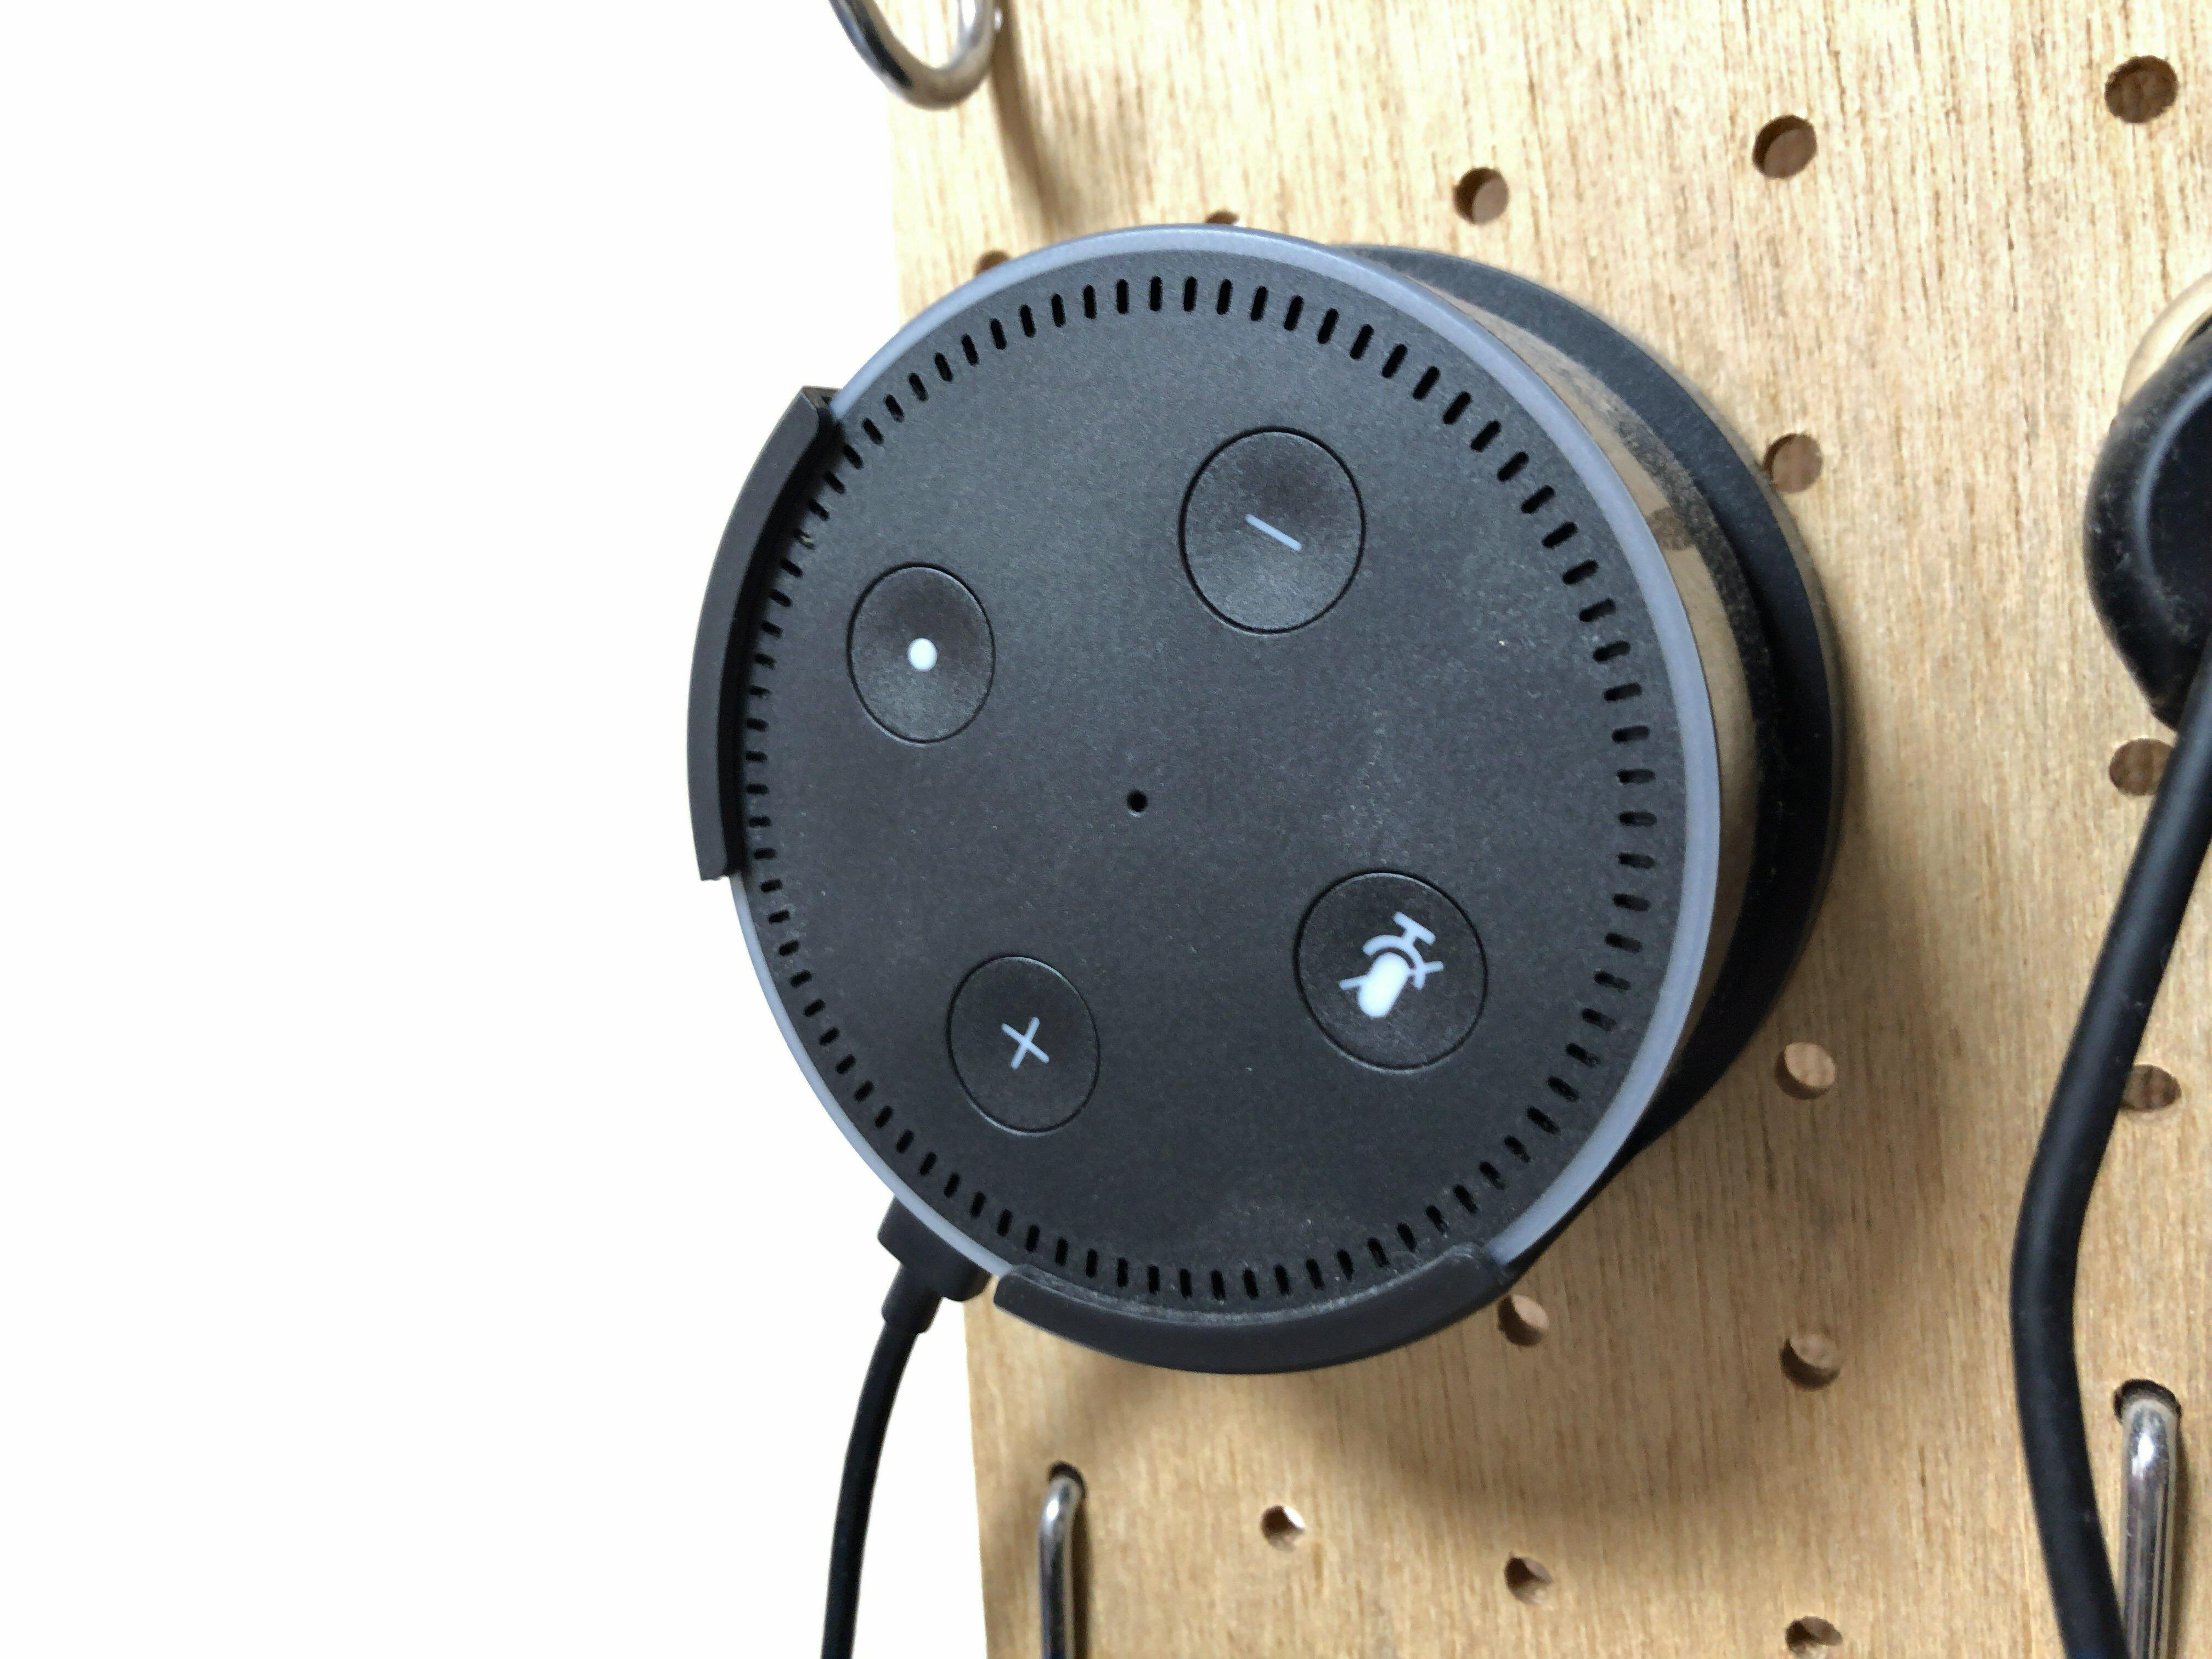 Amazon echoとPhilips Hueでスマートな照明環境を作る